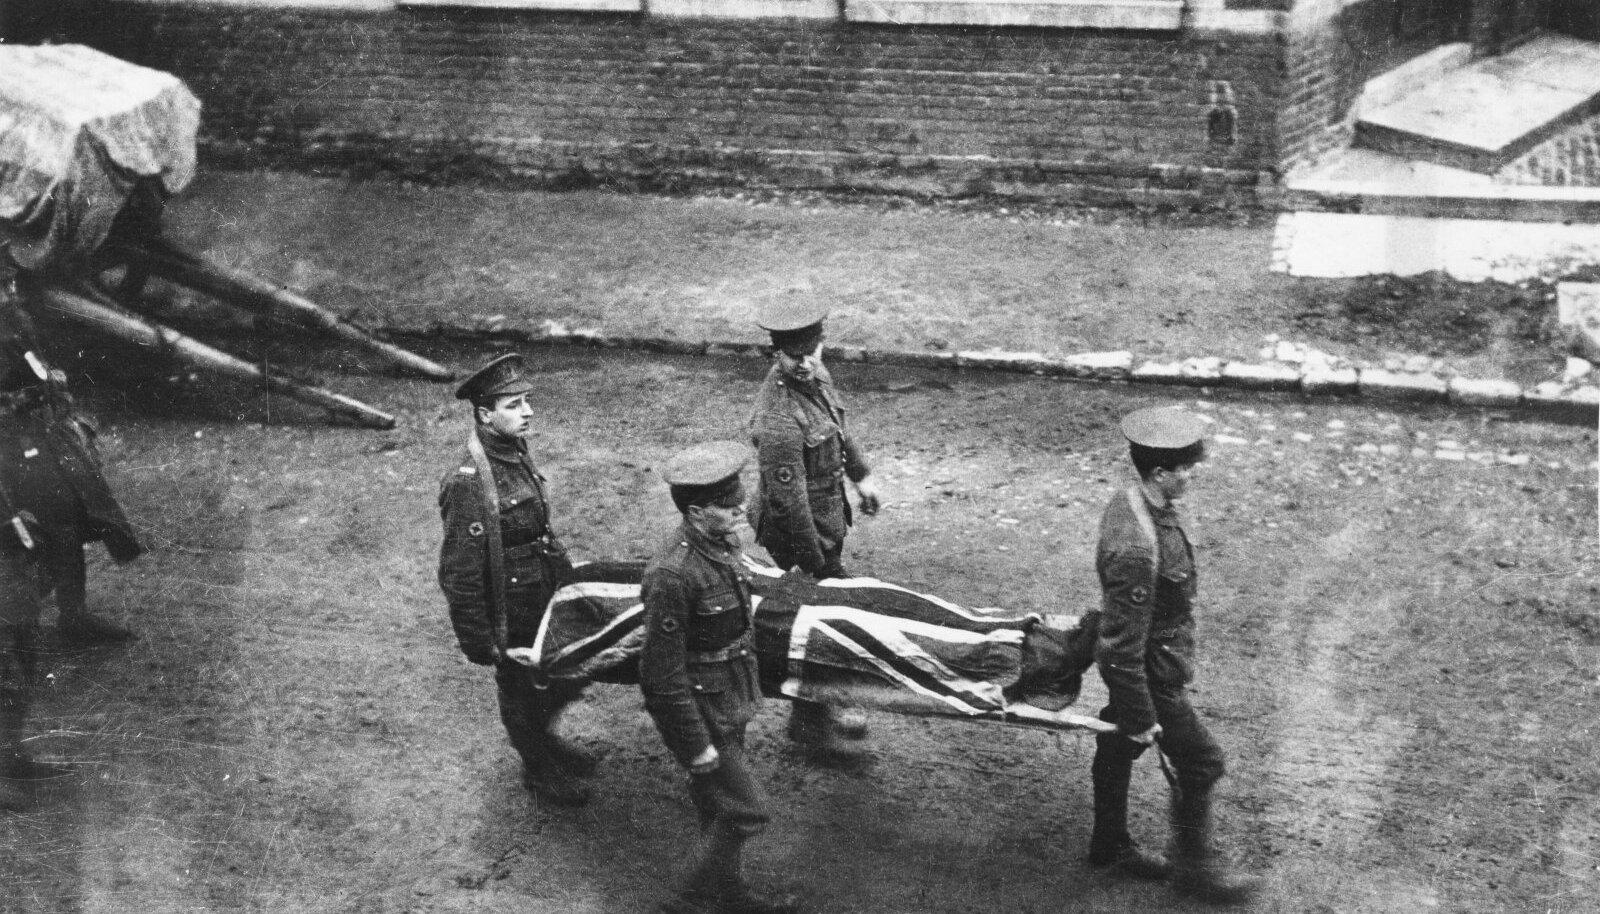 Sajad tuhanded asumaadest pärit sõdurit andsid brittide eest võideldes elu, kuid jäid aust täiesti ilma. Fotol Briti sõduri matused 1914. aastal Prantsusmaal Estaires'is.